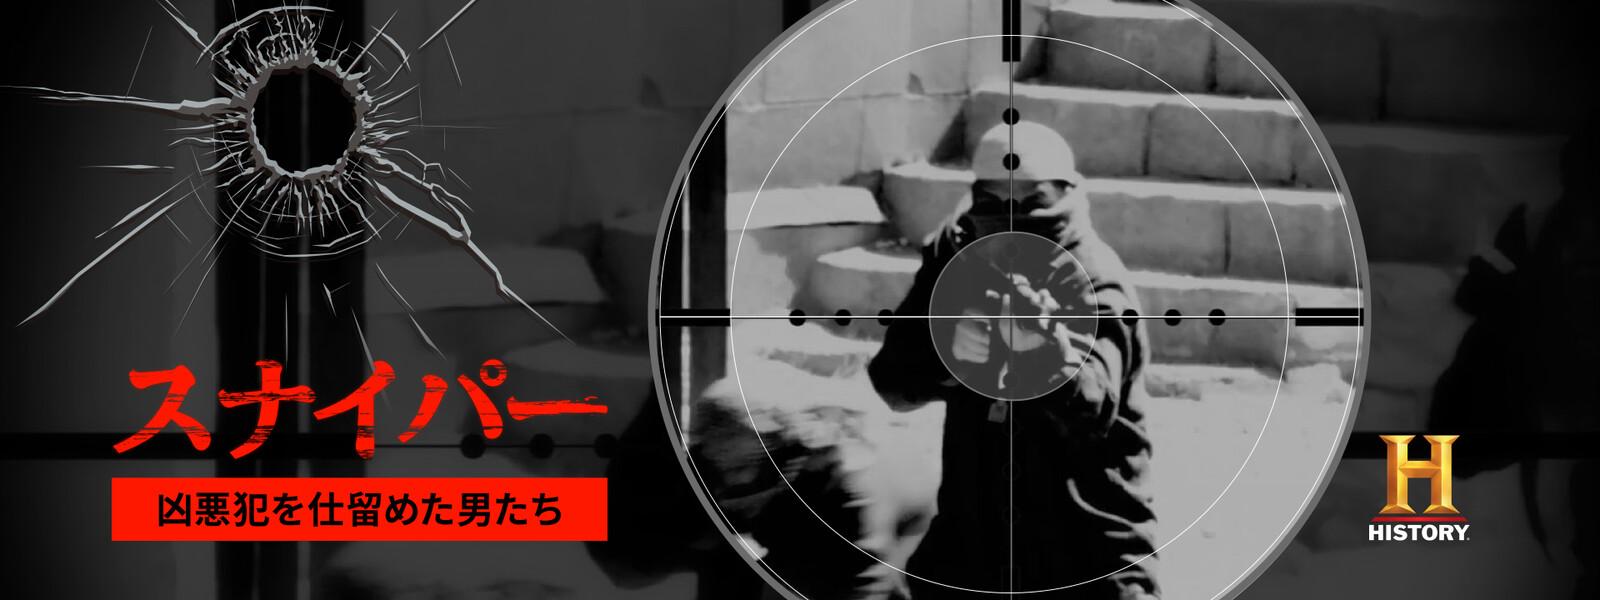 スナイパー:凶悪犯を仕留めた男たち 動画